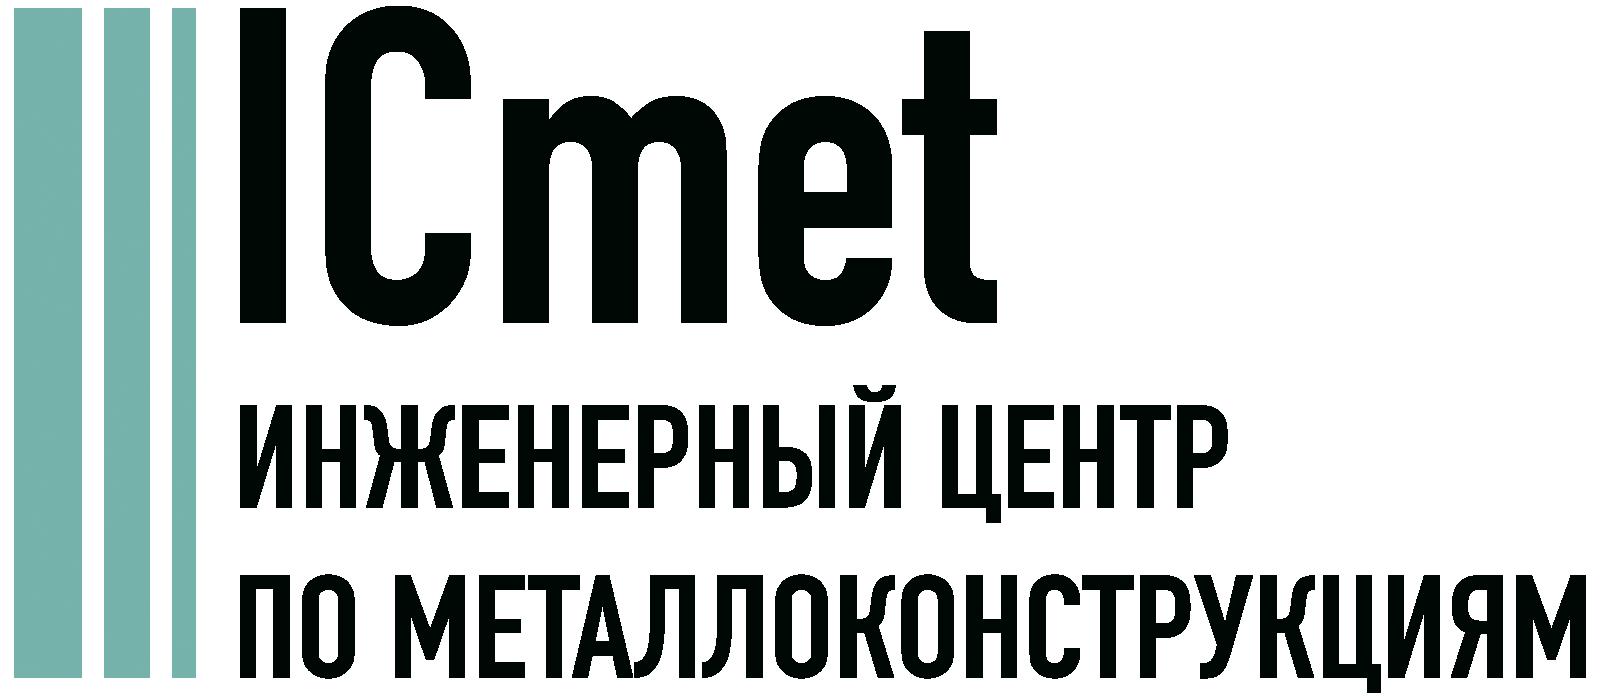 Проектирование металлоконструкций в Казани